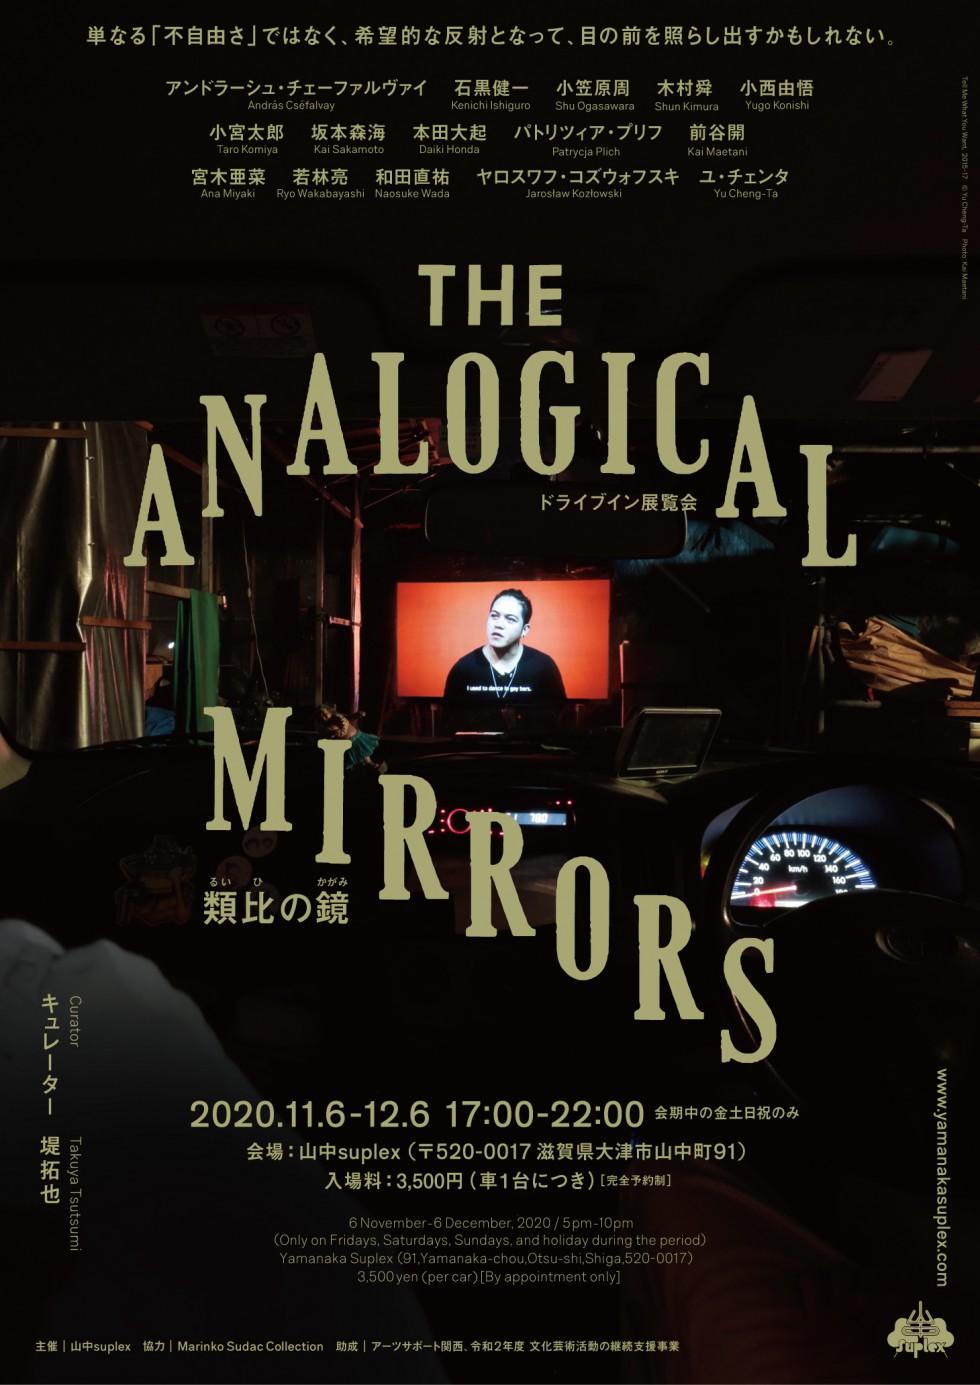 ドライブイン展覧会「類比の鏡/The Analogical Mirrors」